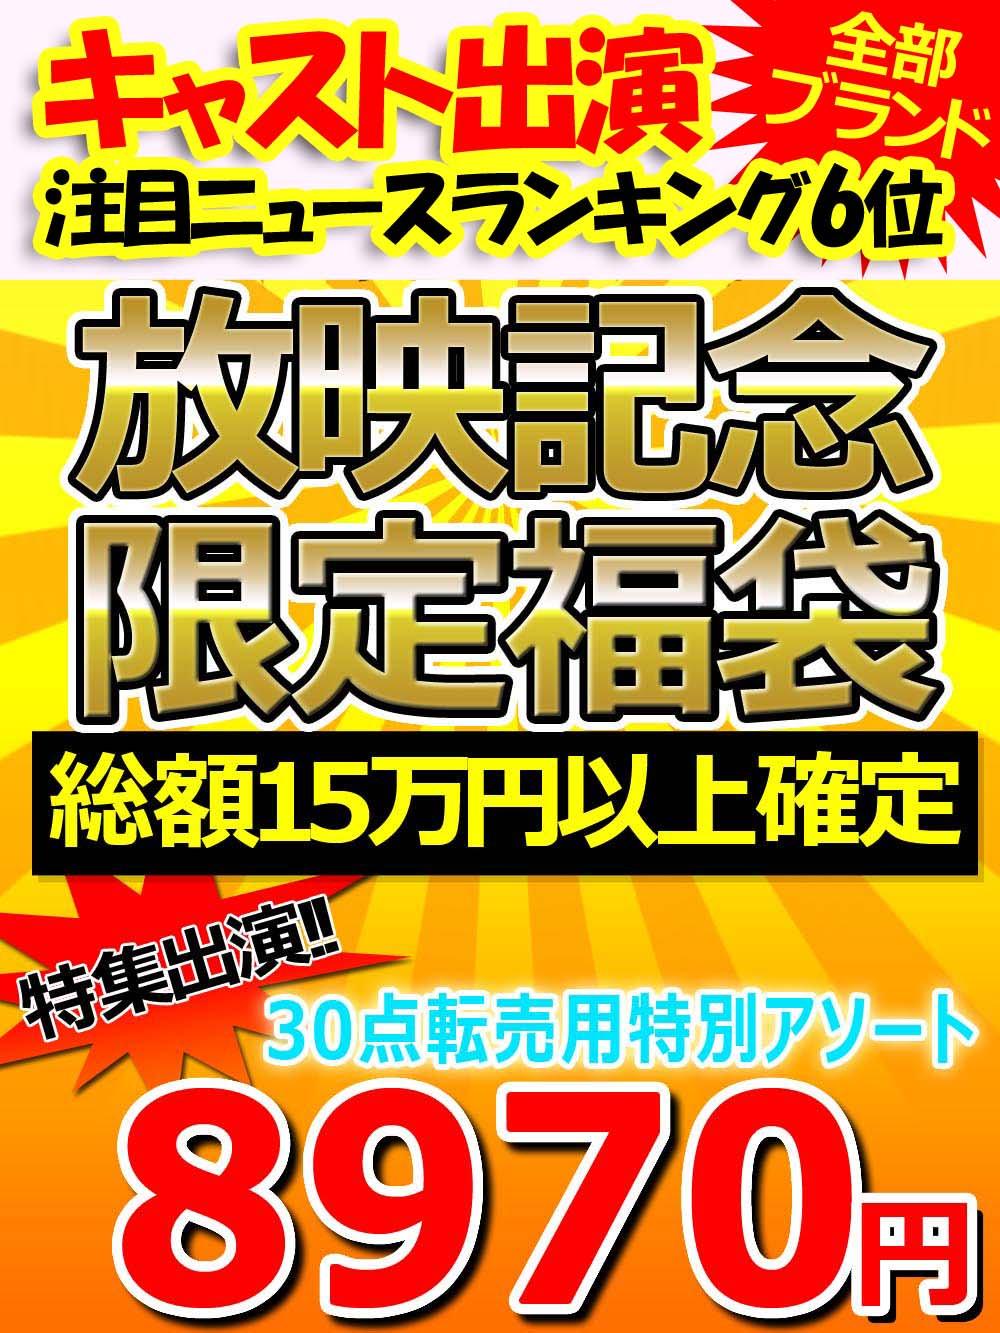 【キャスト出演!ニュースラキングIN★】上代15万円確定!特別ブランド福袋 転売用アソート【30点】@8970